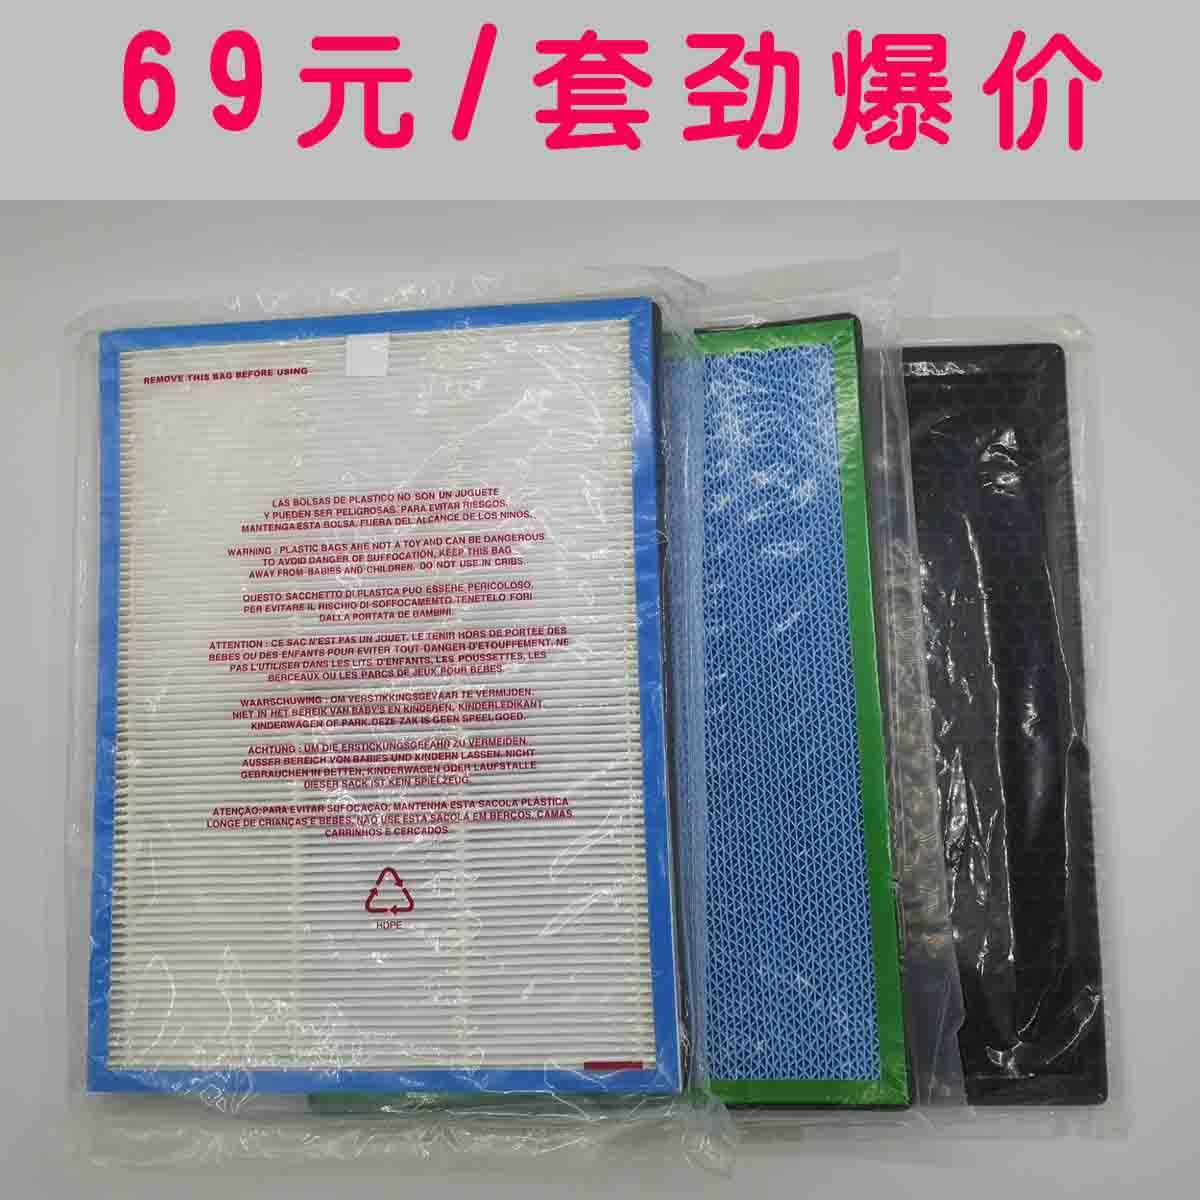 [万利达净化器malata净化,加湿抽湿机配件]SKG空气净化器HEPA VOC过滤月销量0件仅售69元